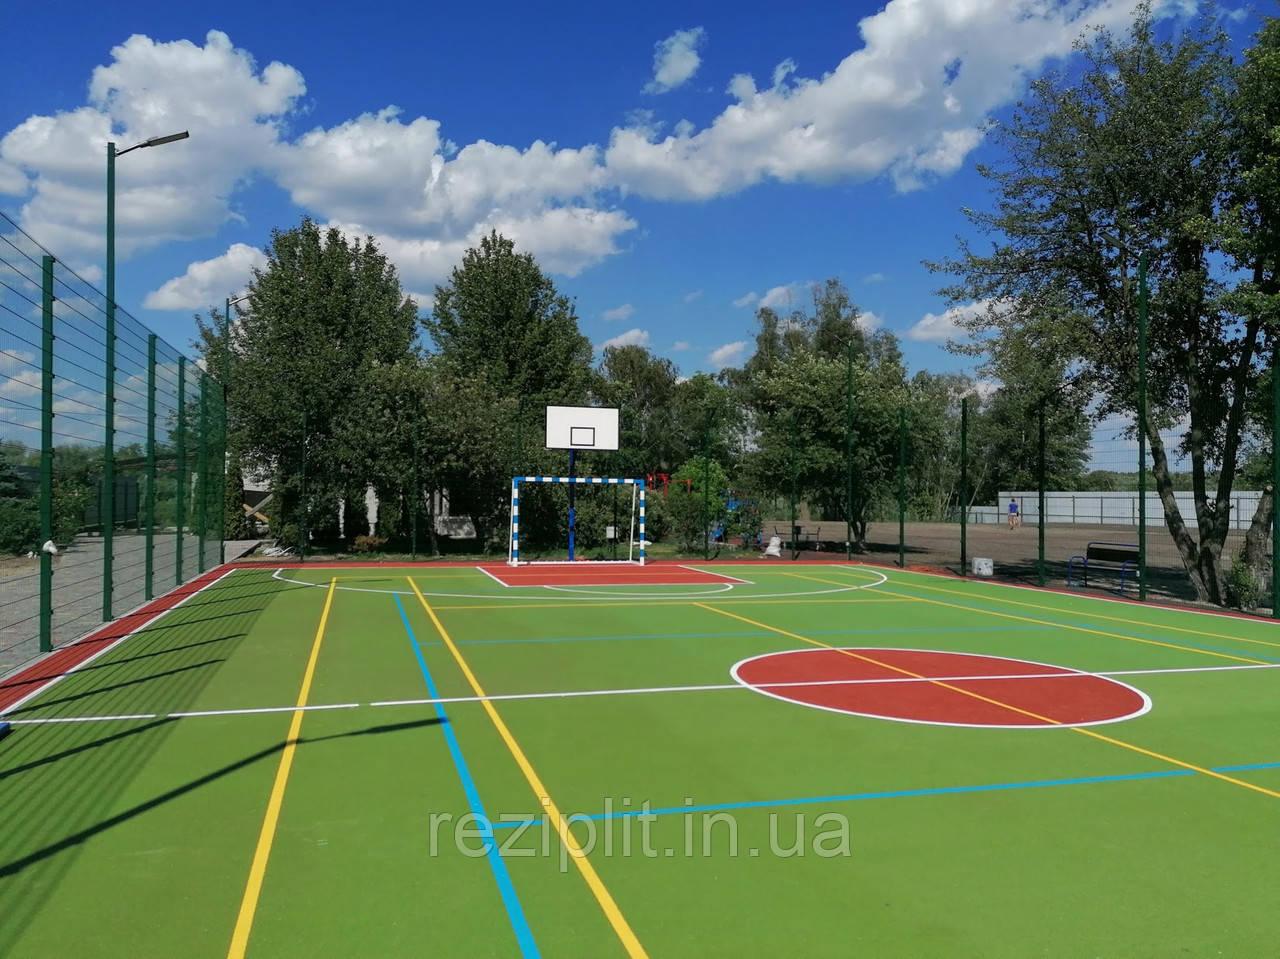 Покриття для спортивних майданчиків. Поліуретан + гумова крихта, 10 мм